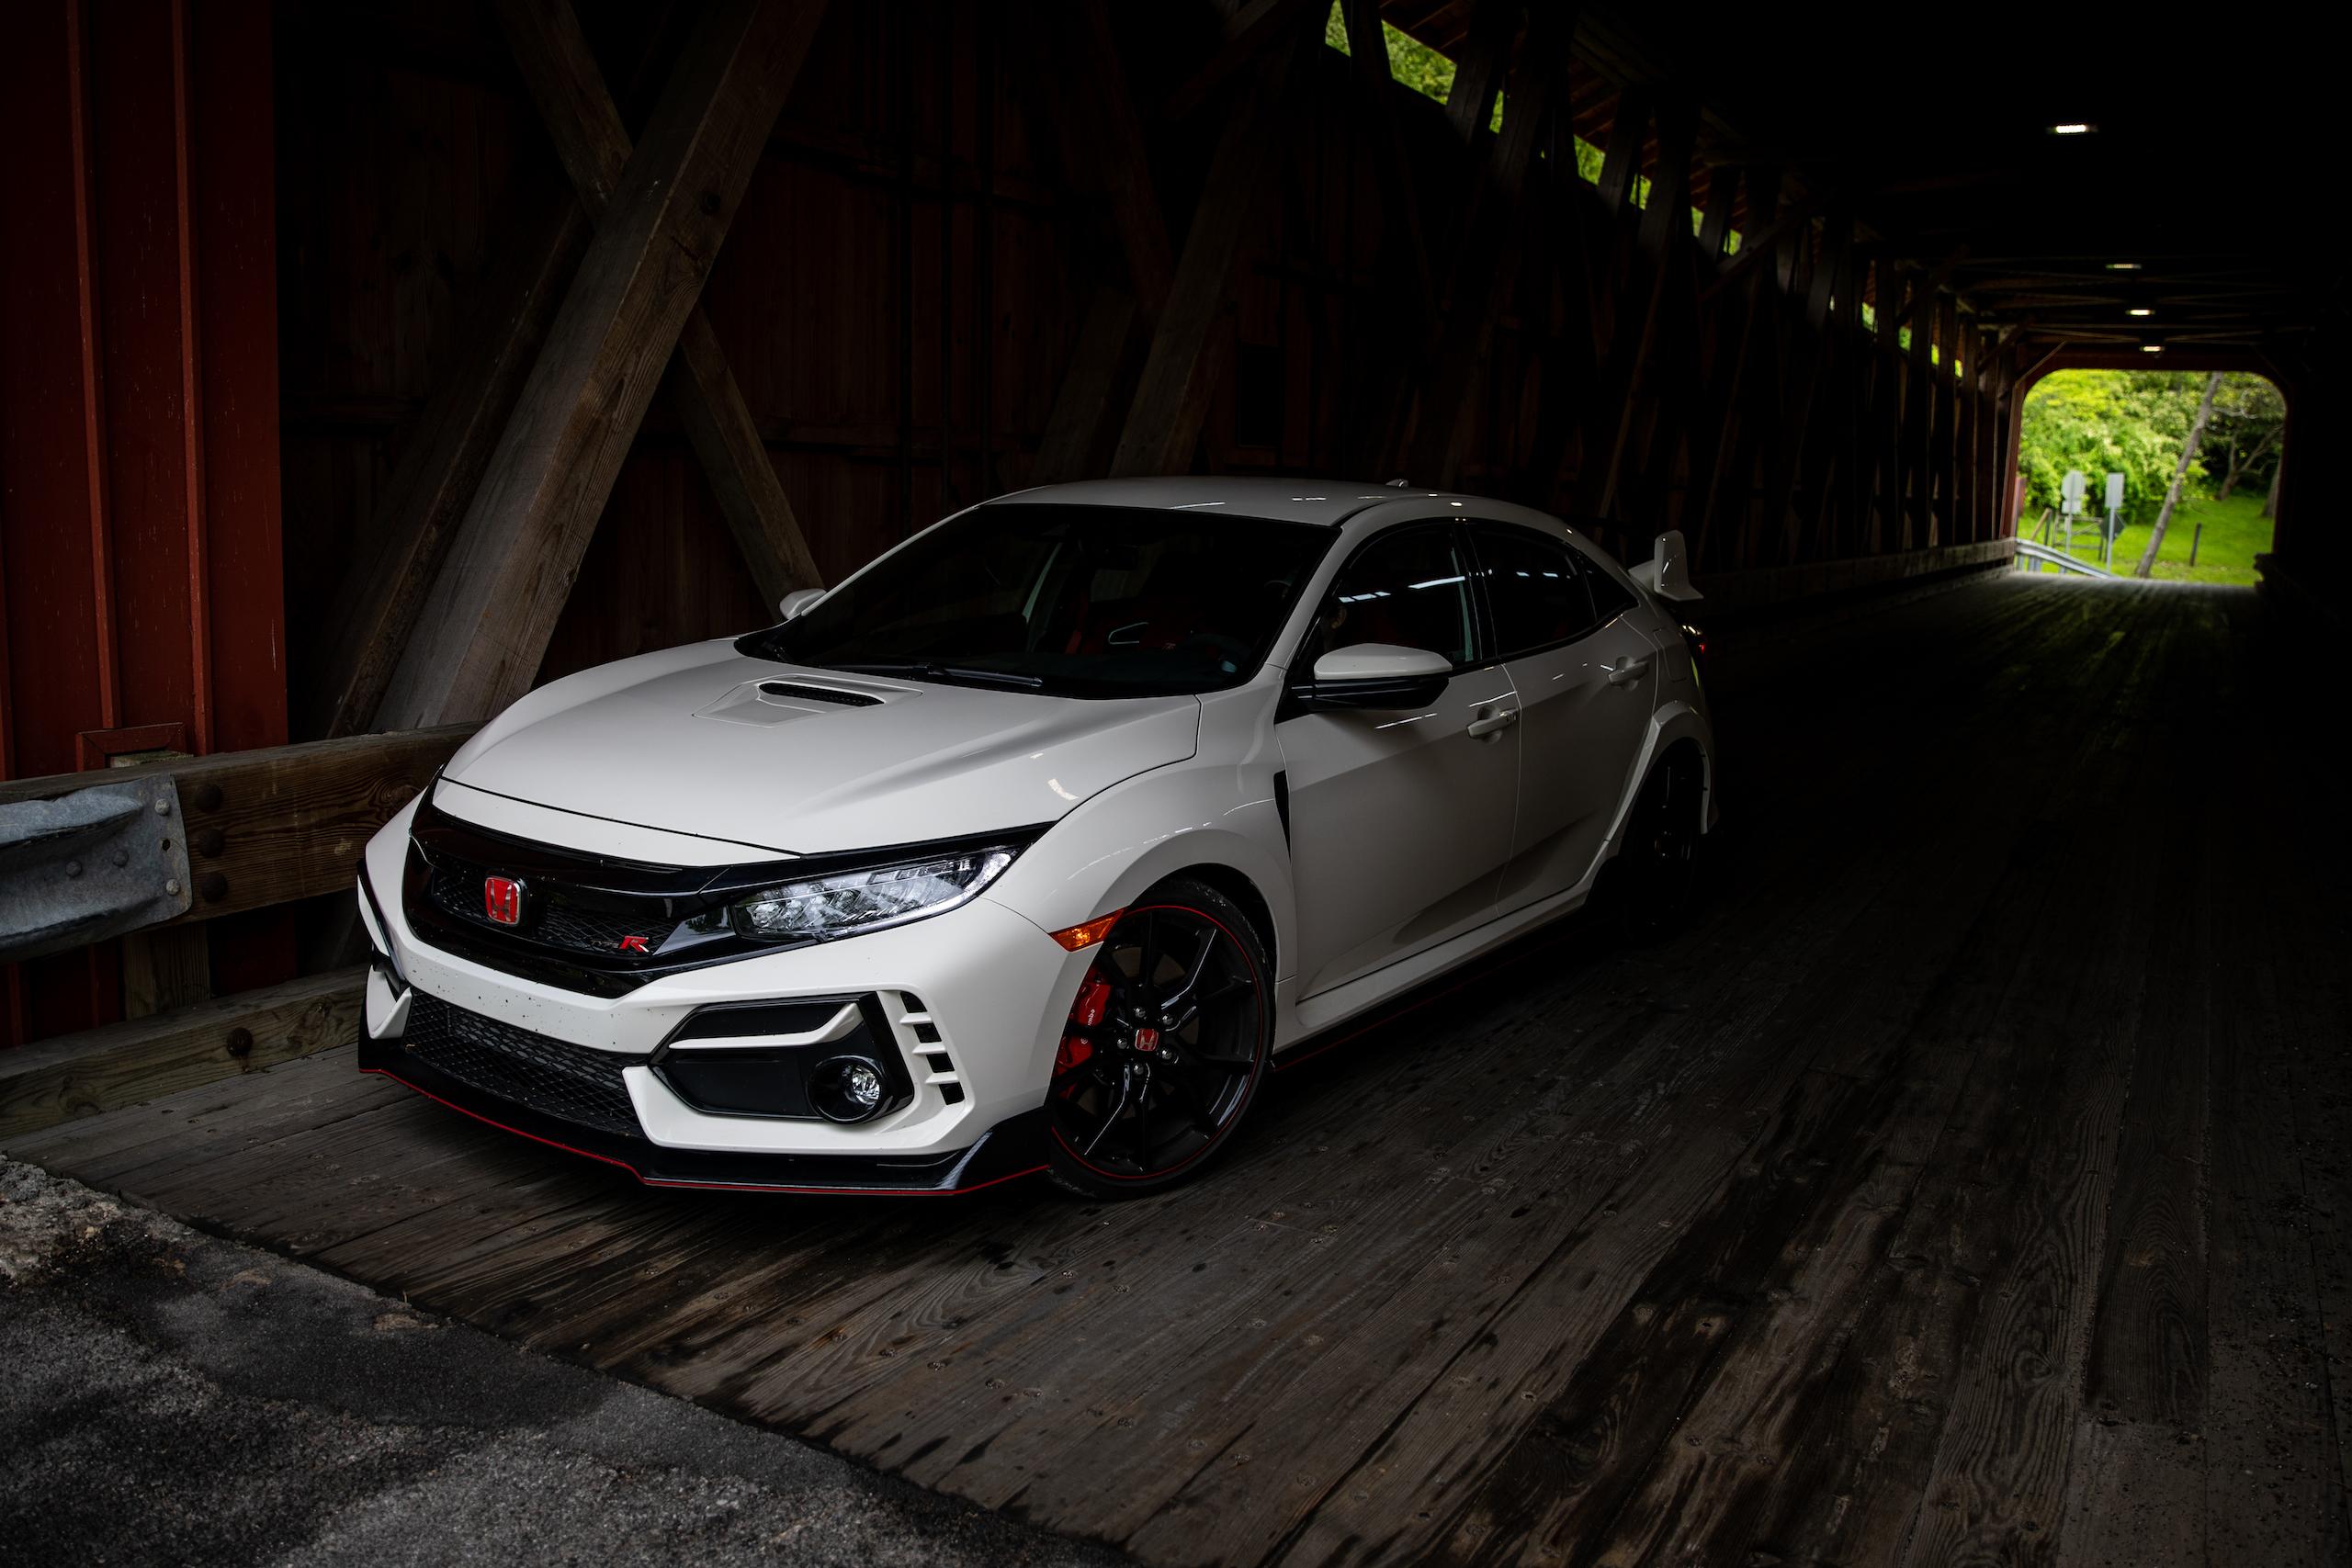 2020 Honda Civic Type R front three-quarter covered bridge interior